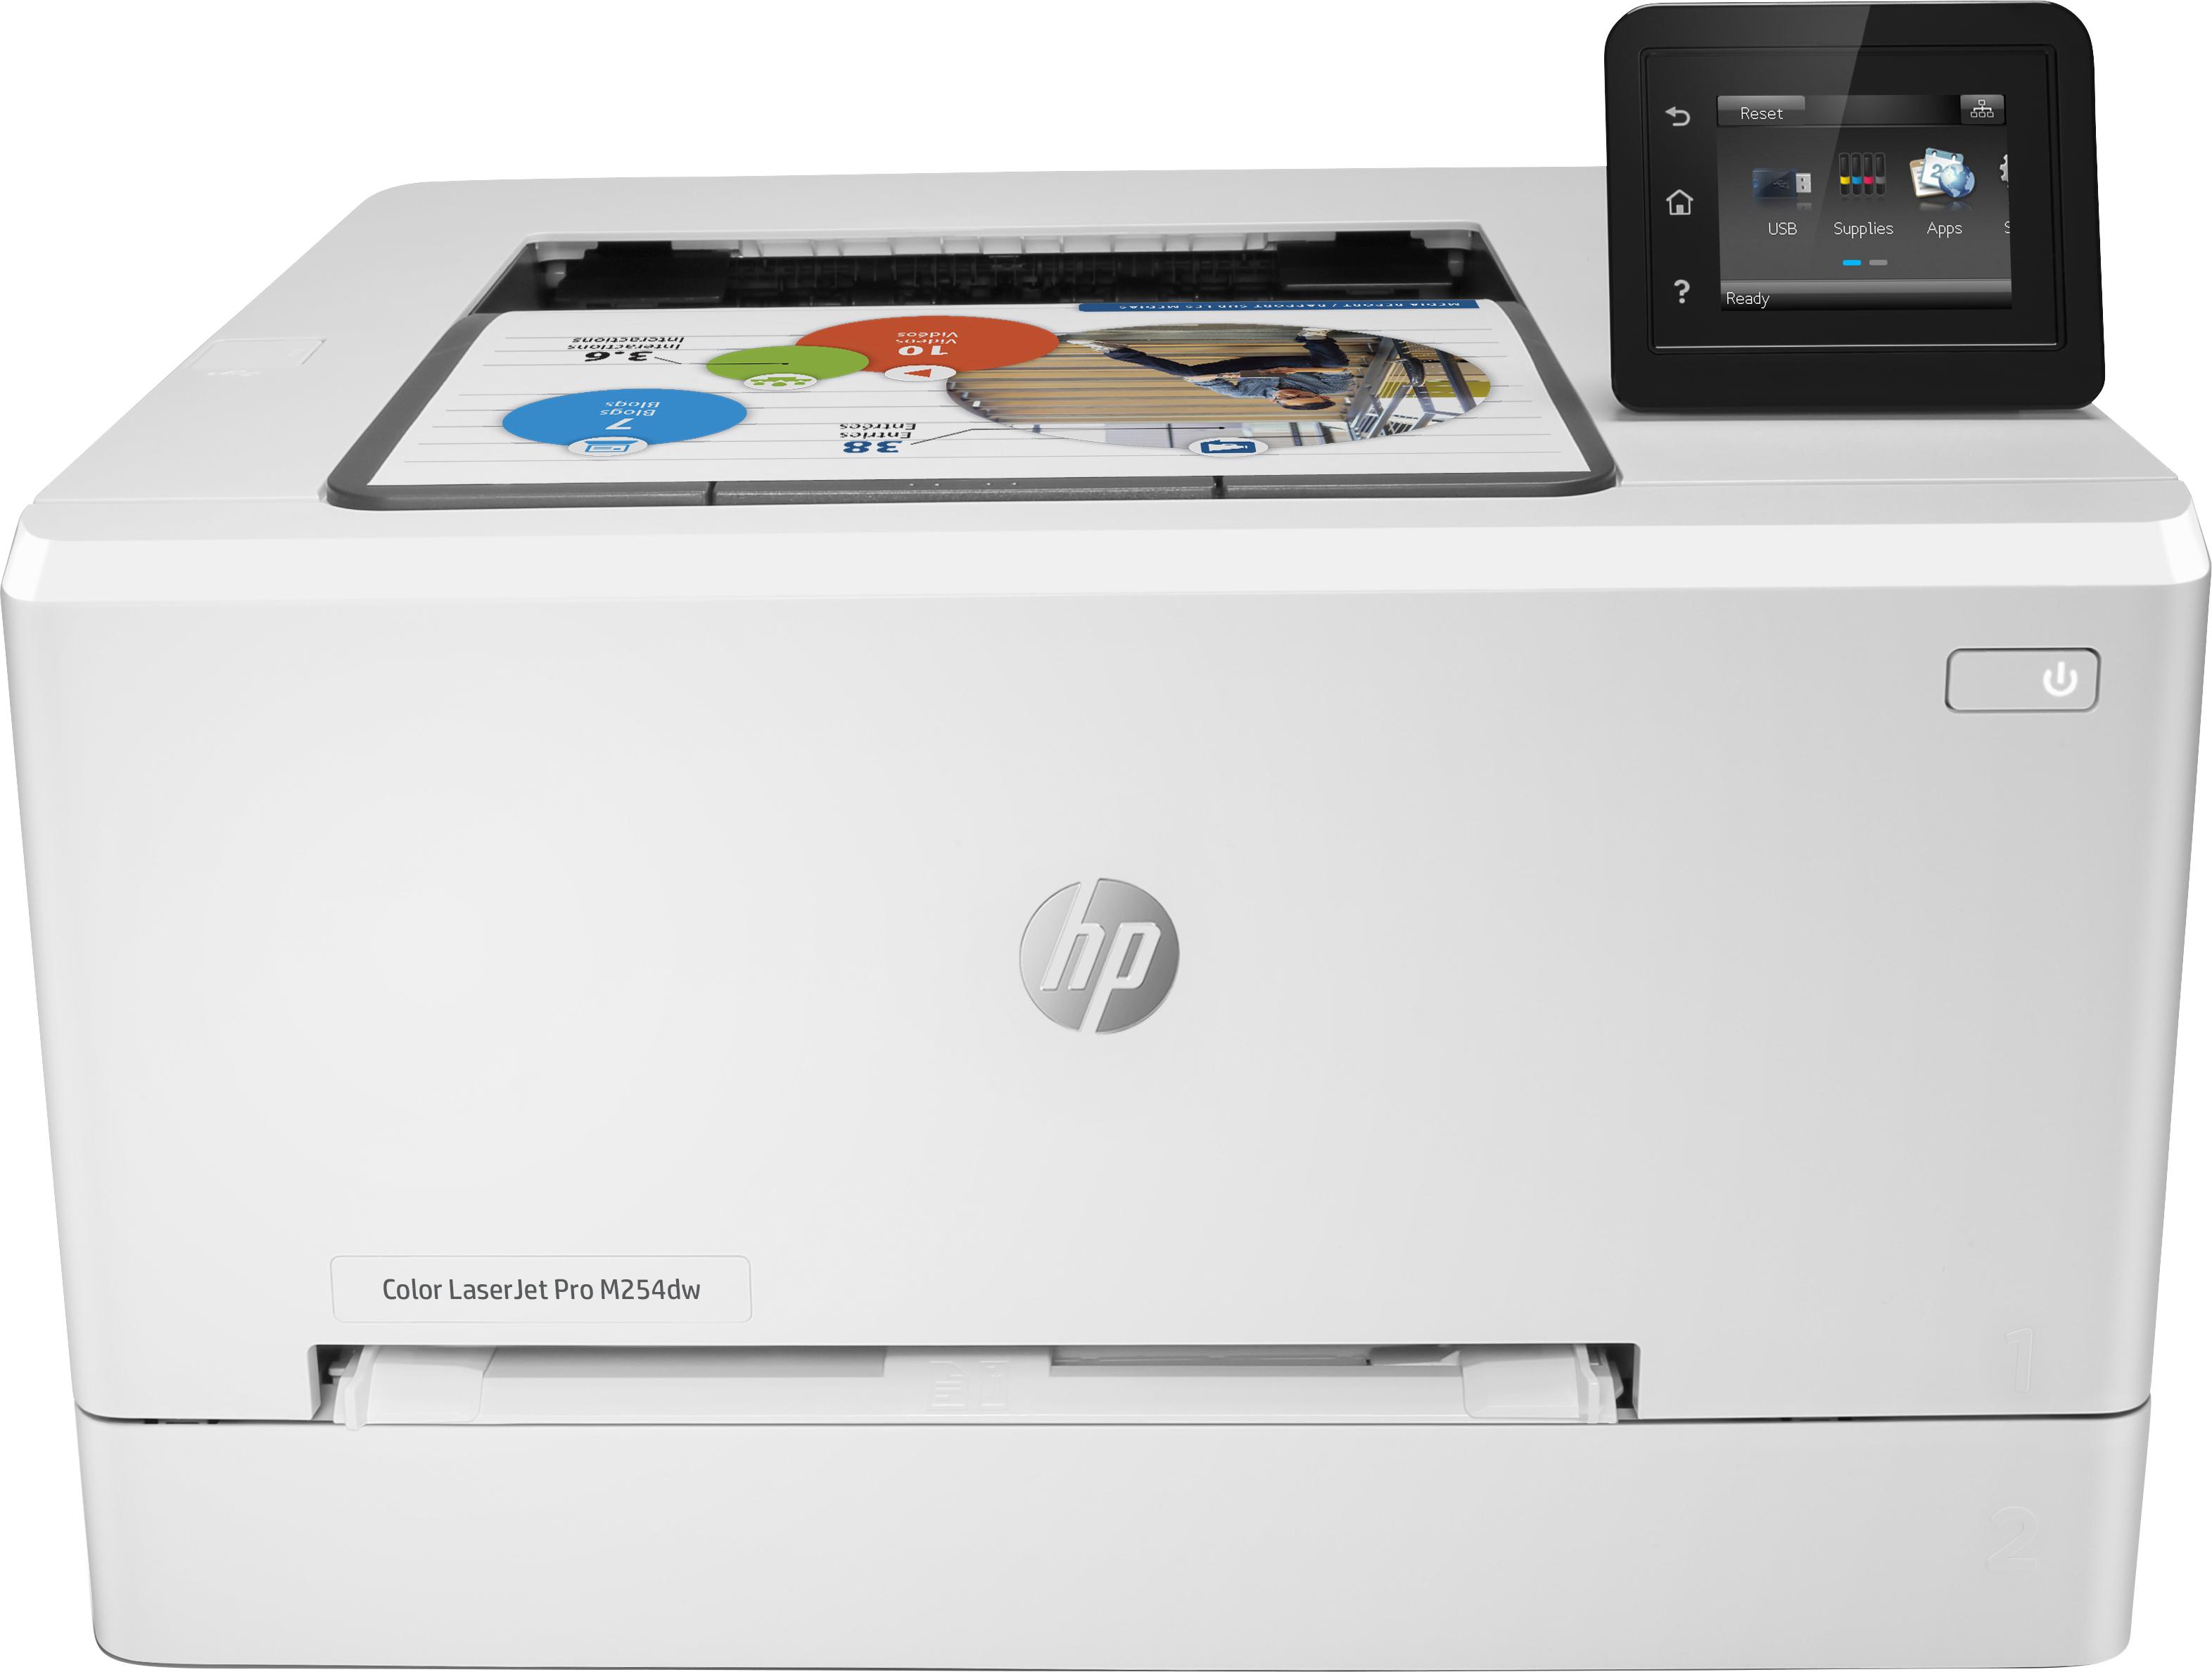 Hewlett Packard HP HP Color LaserJet Pro M254dw T6B60A